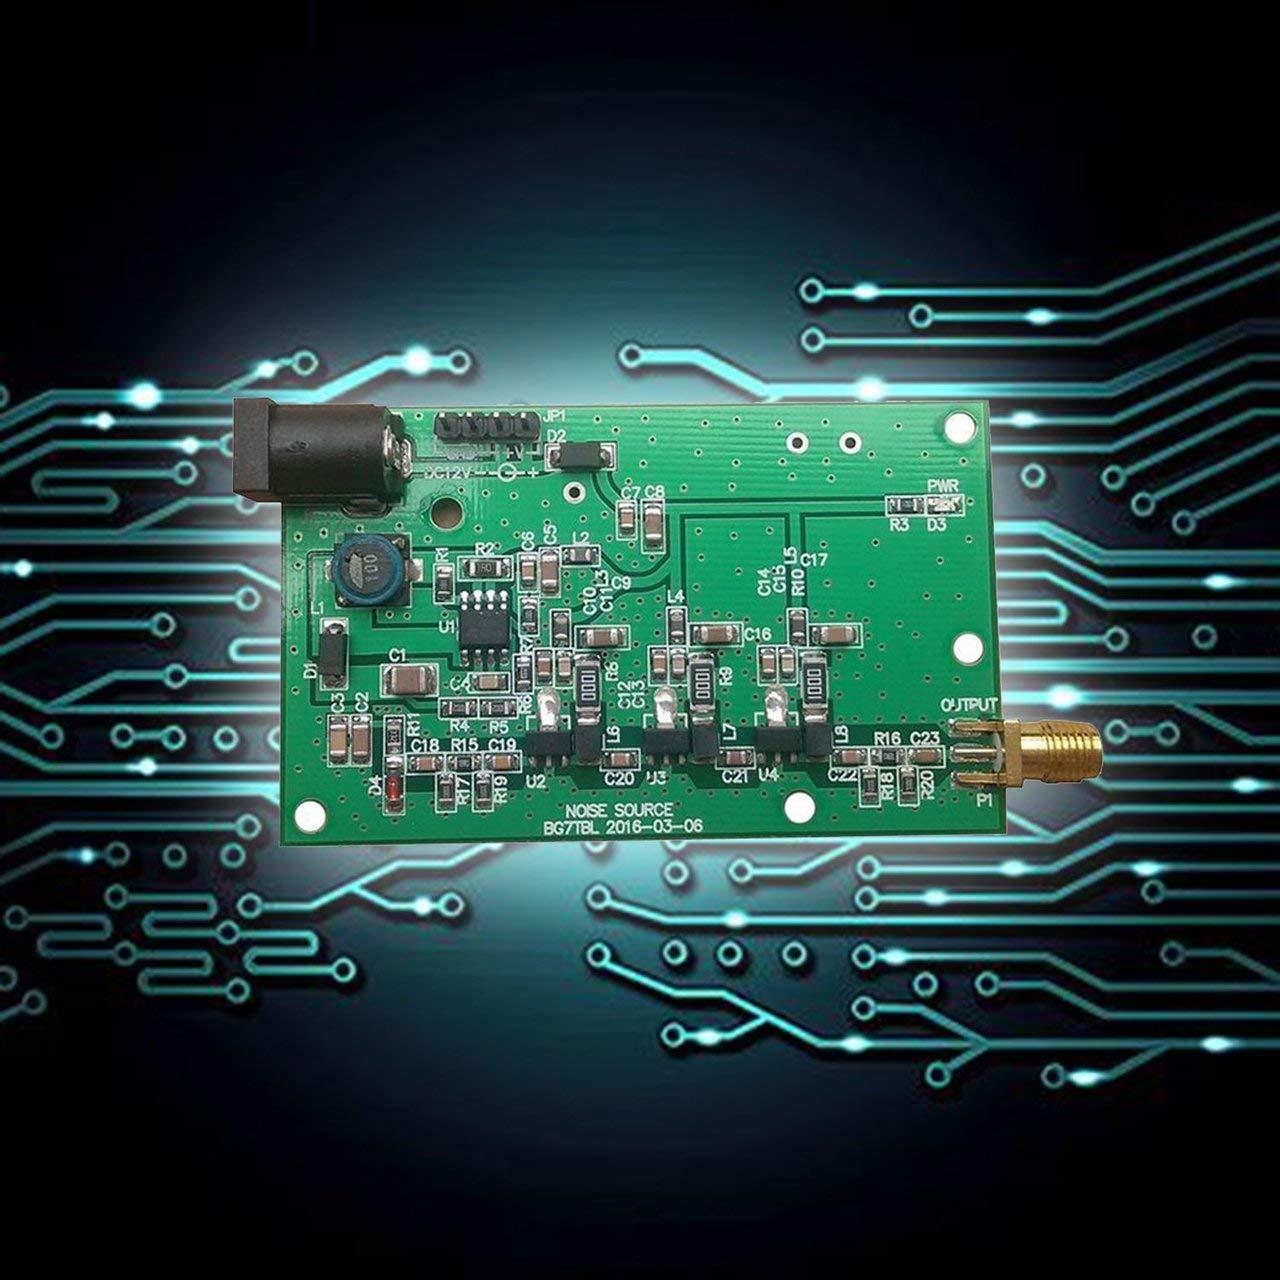 2m Kabel, f/ür Baustelleinsatz und st/ändigen Einsatz im Freien, mit FI-Personenschutz Baustromverteiler Brennenstuhl Tragbarer Stromverteiler